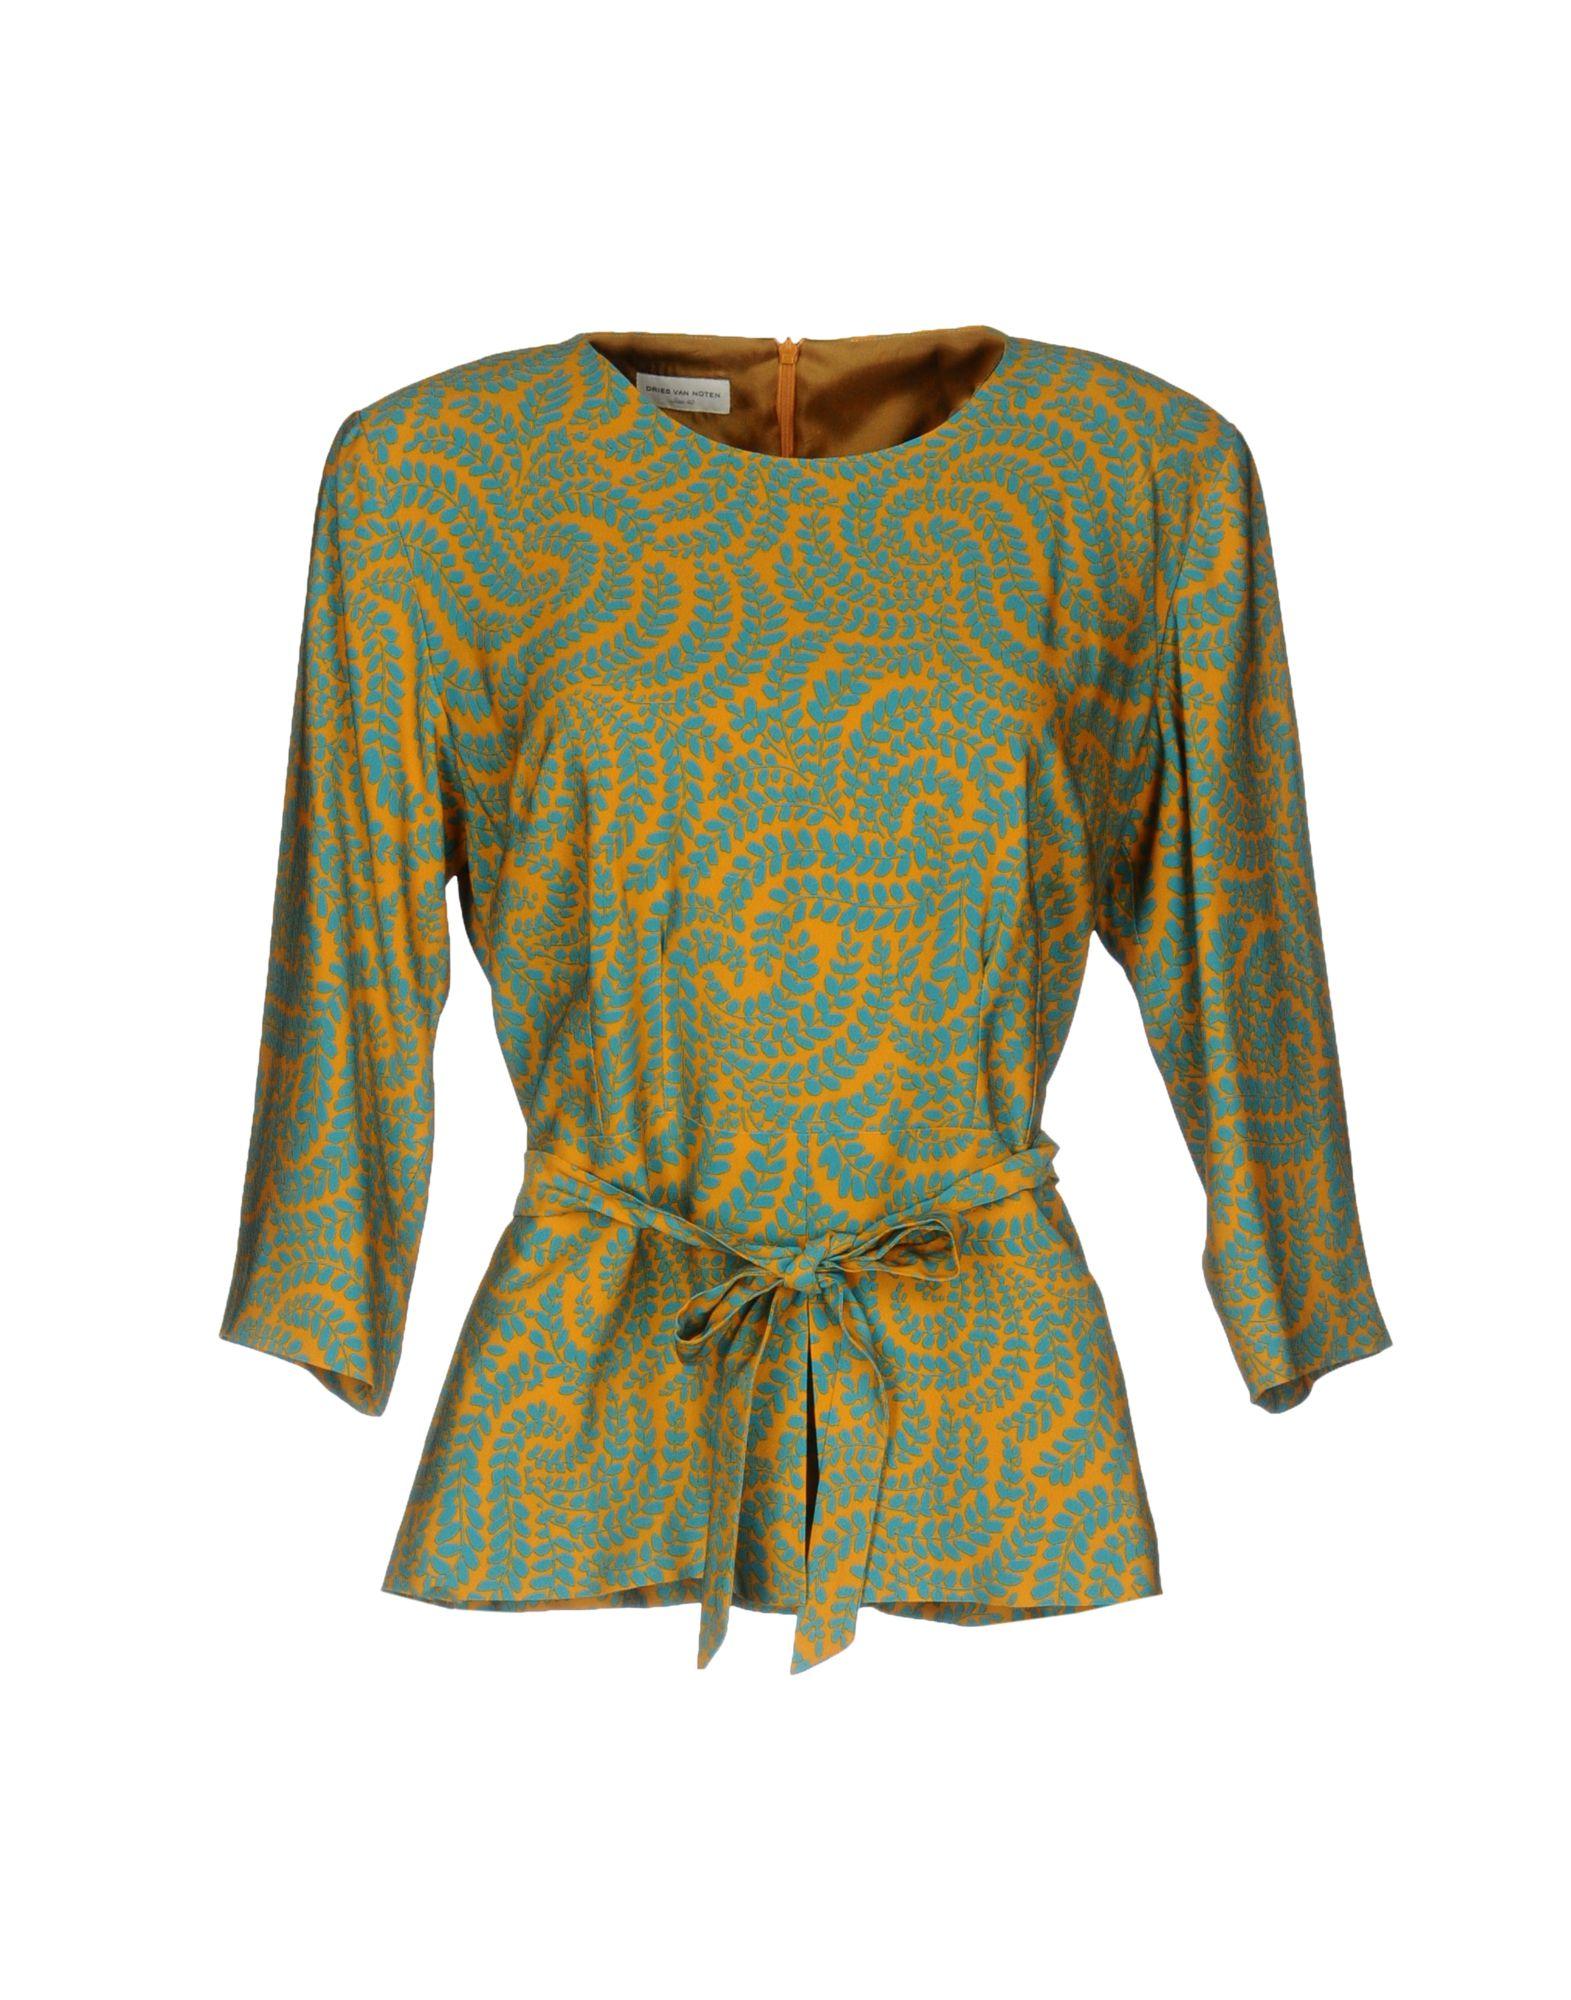 где купить DRIES VAN NOTEN Блузка по лучшей цене